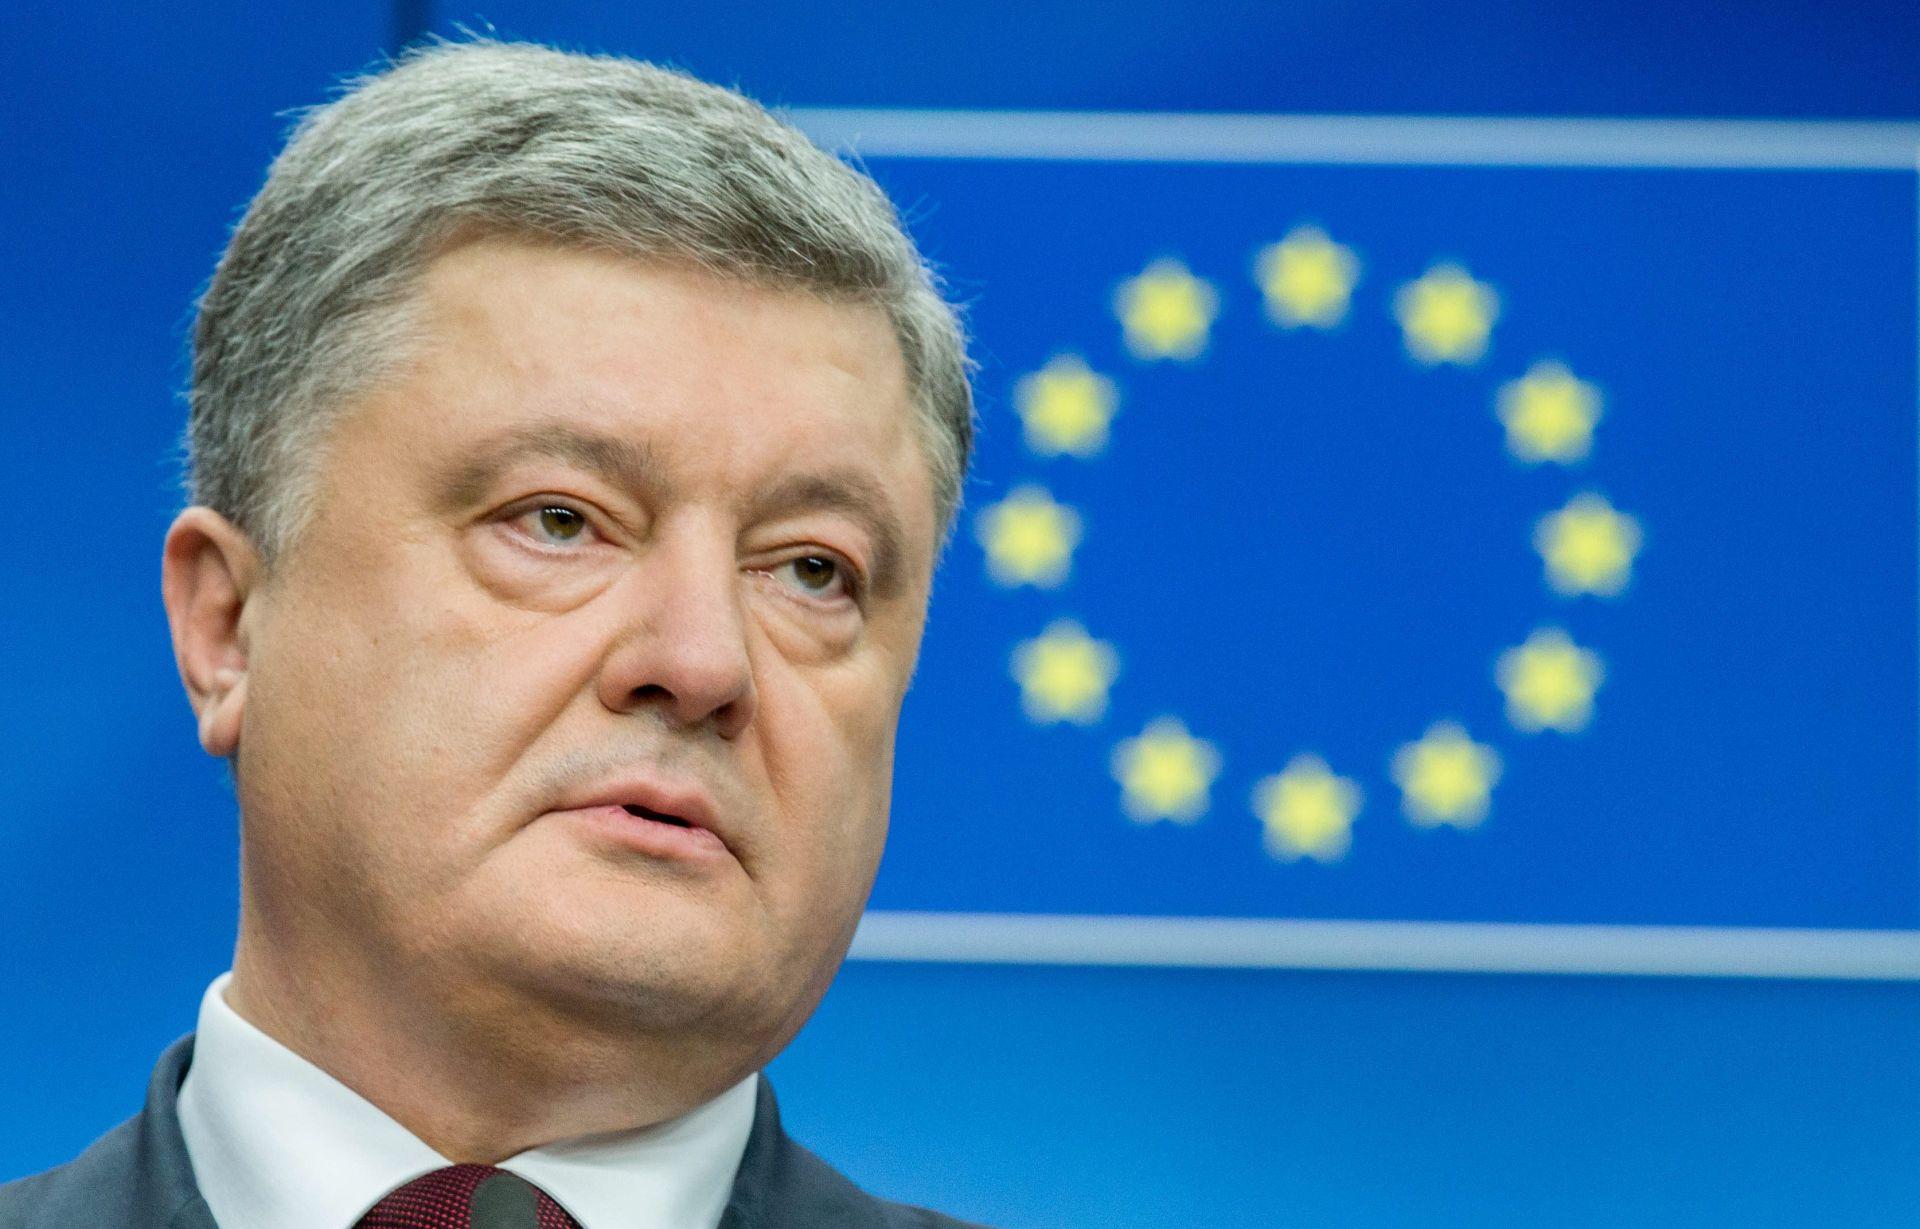 UKRAJINA Slavlje zbog ukidanje viza za EU